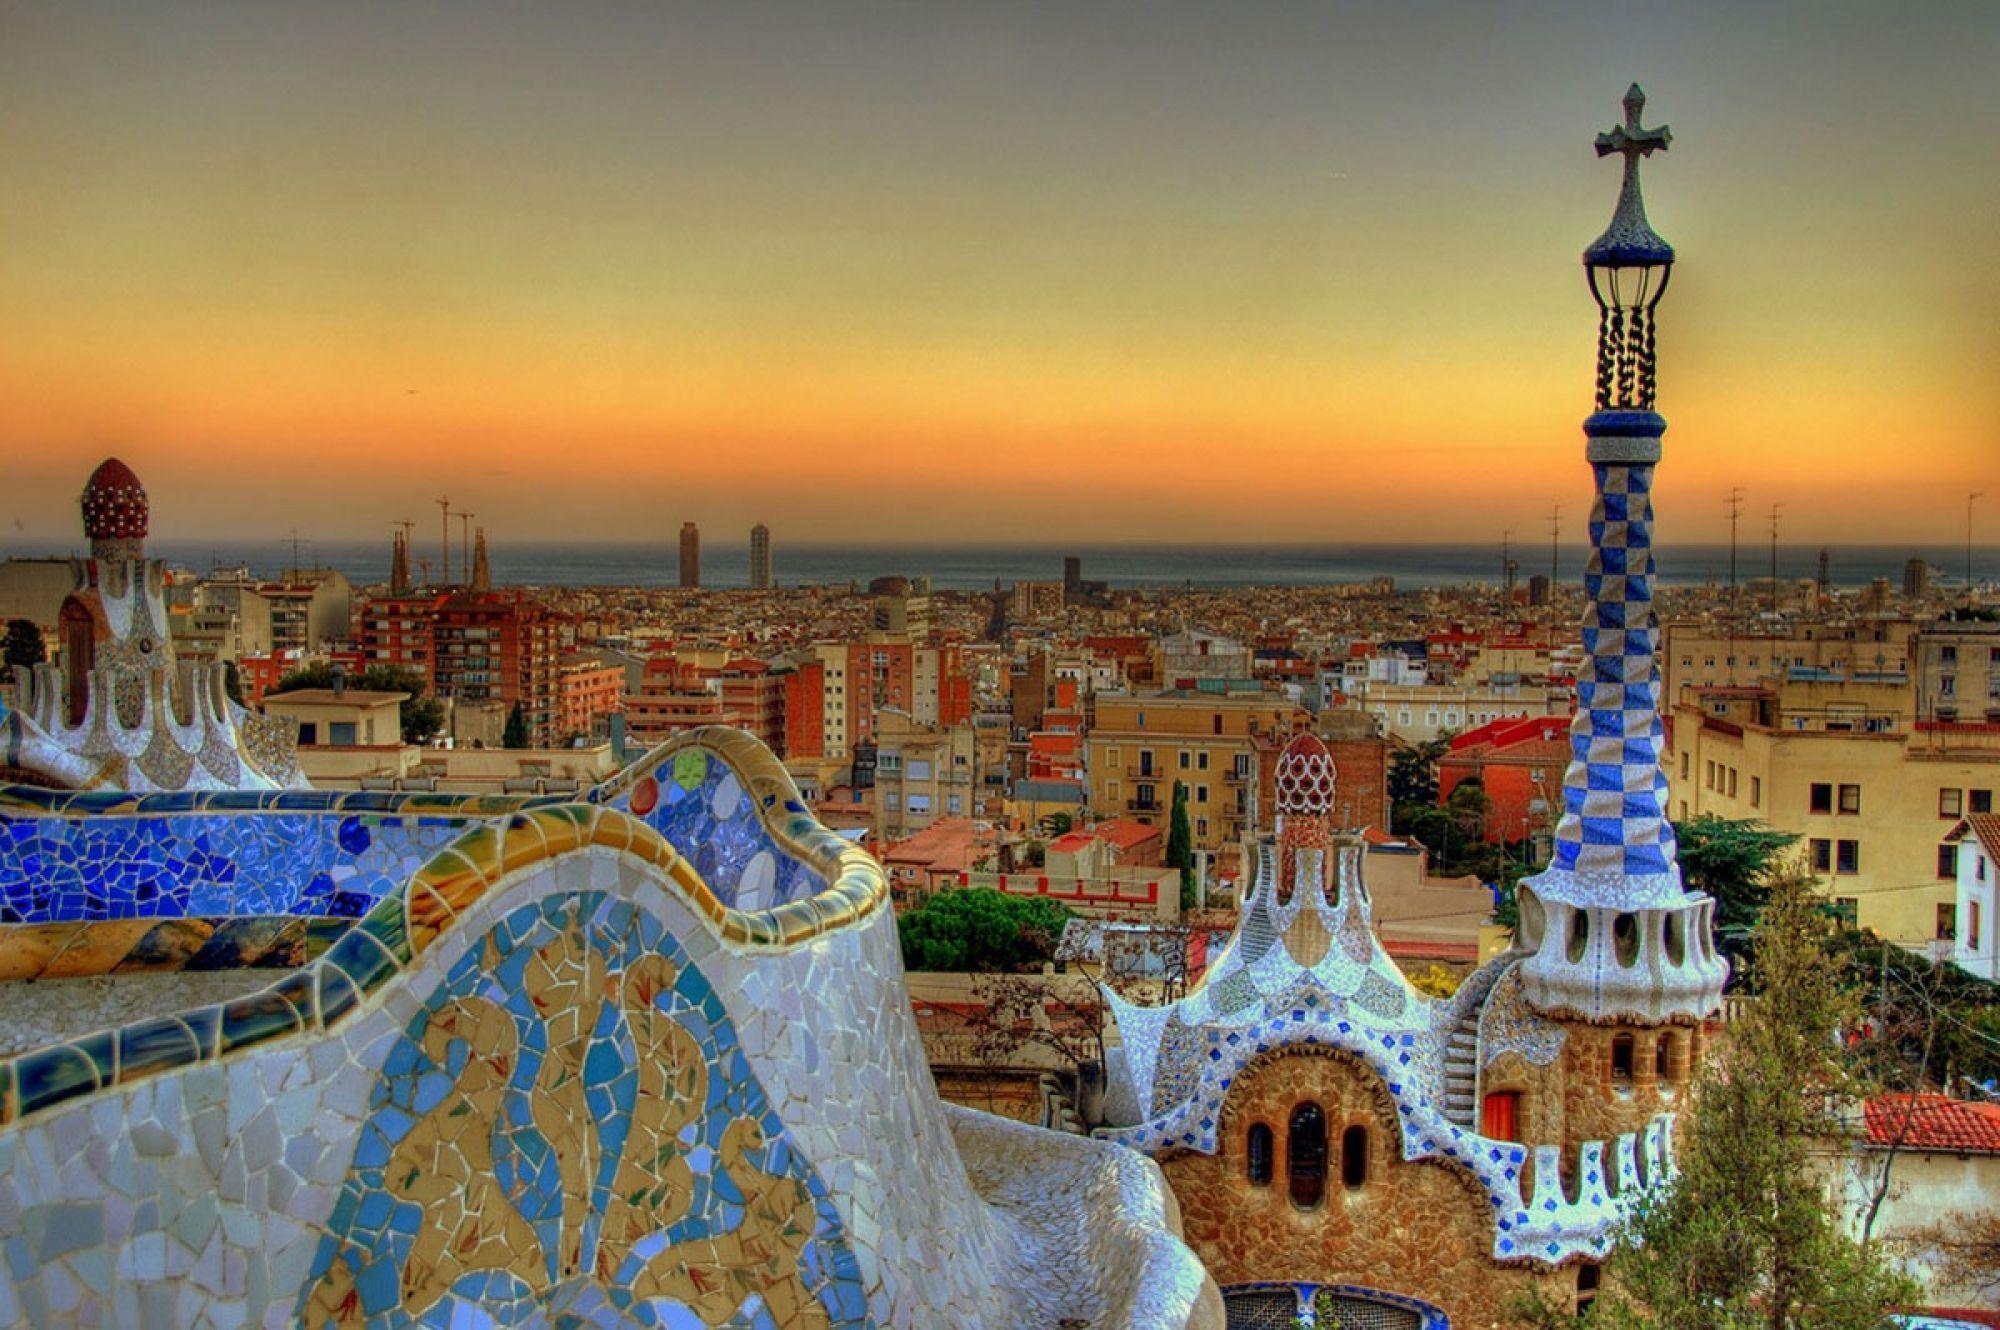 Barcelona City Wallpaper - WallpaperSafari